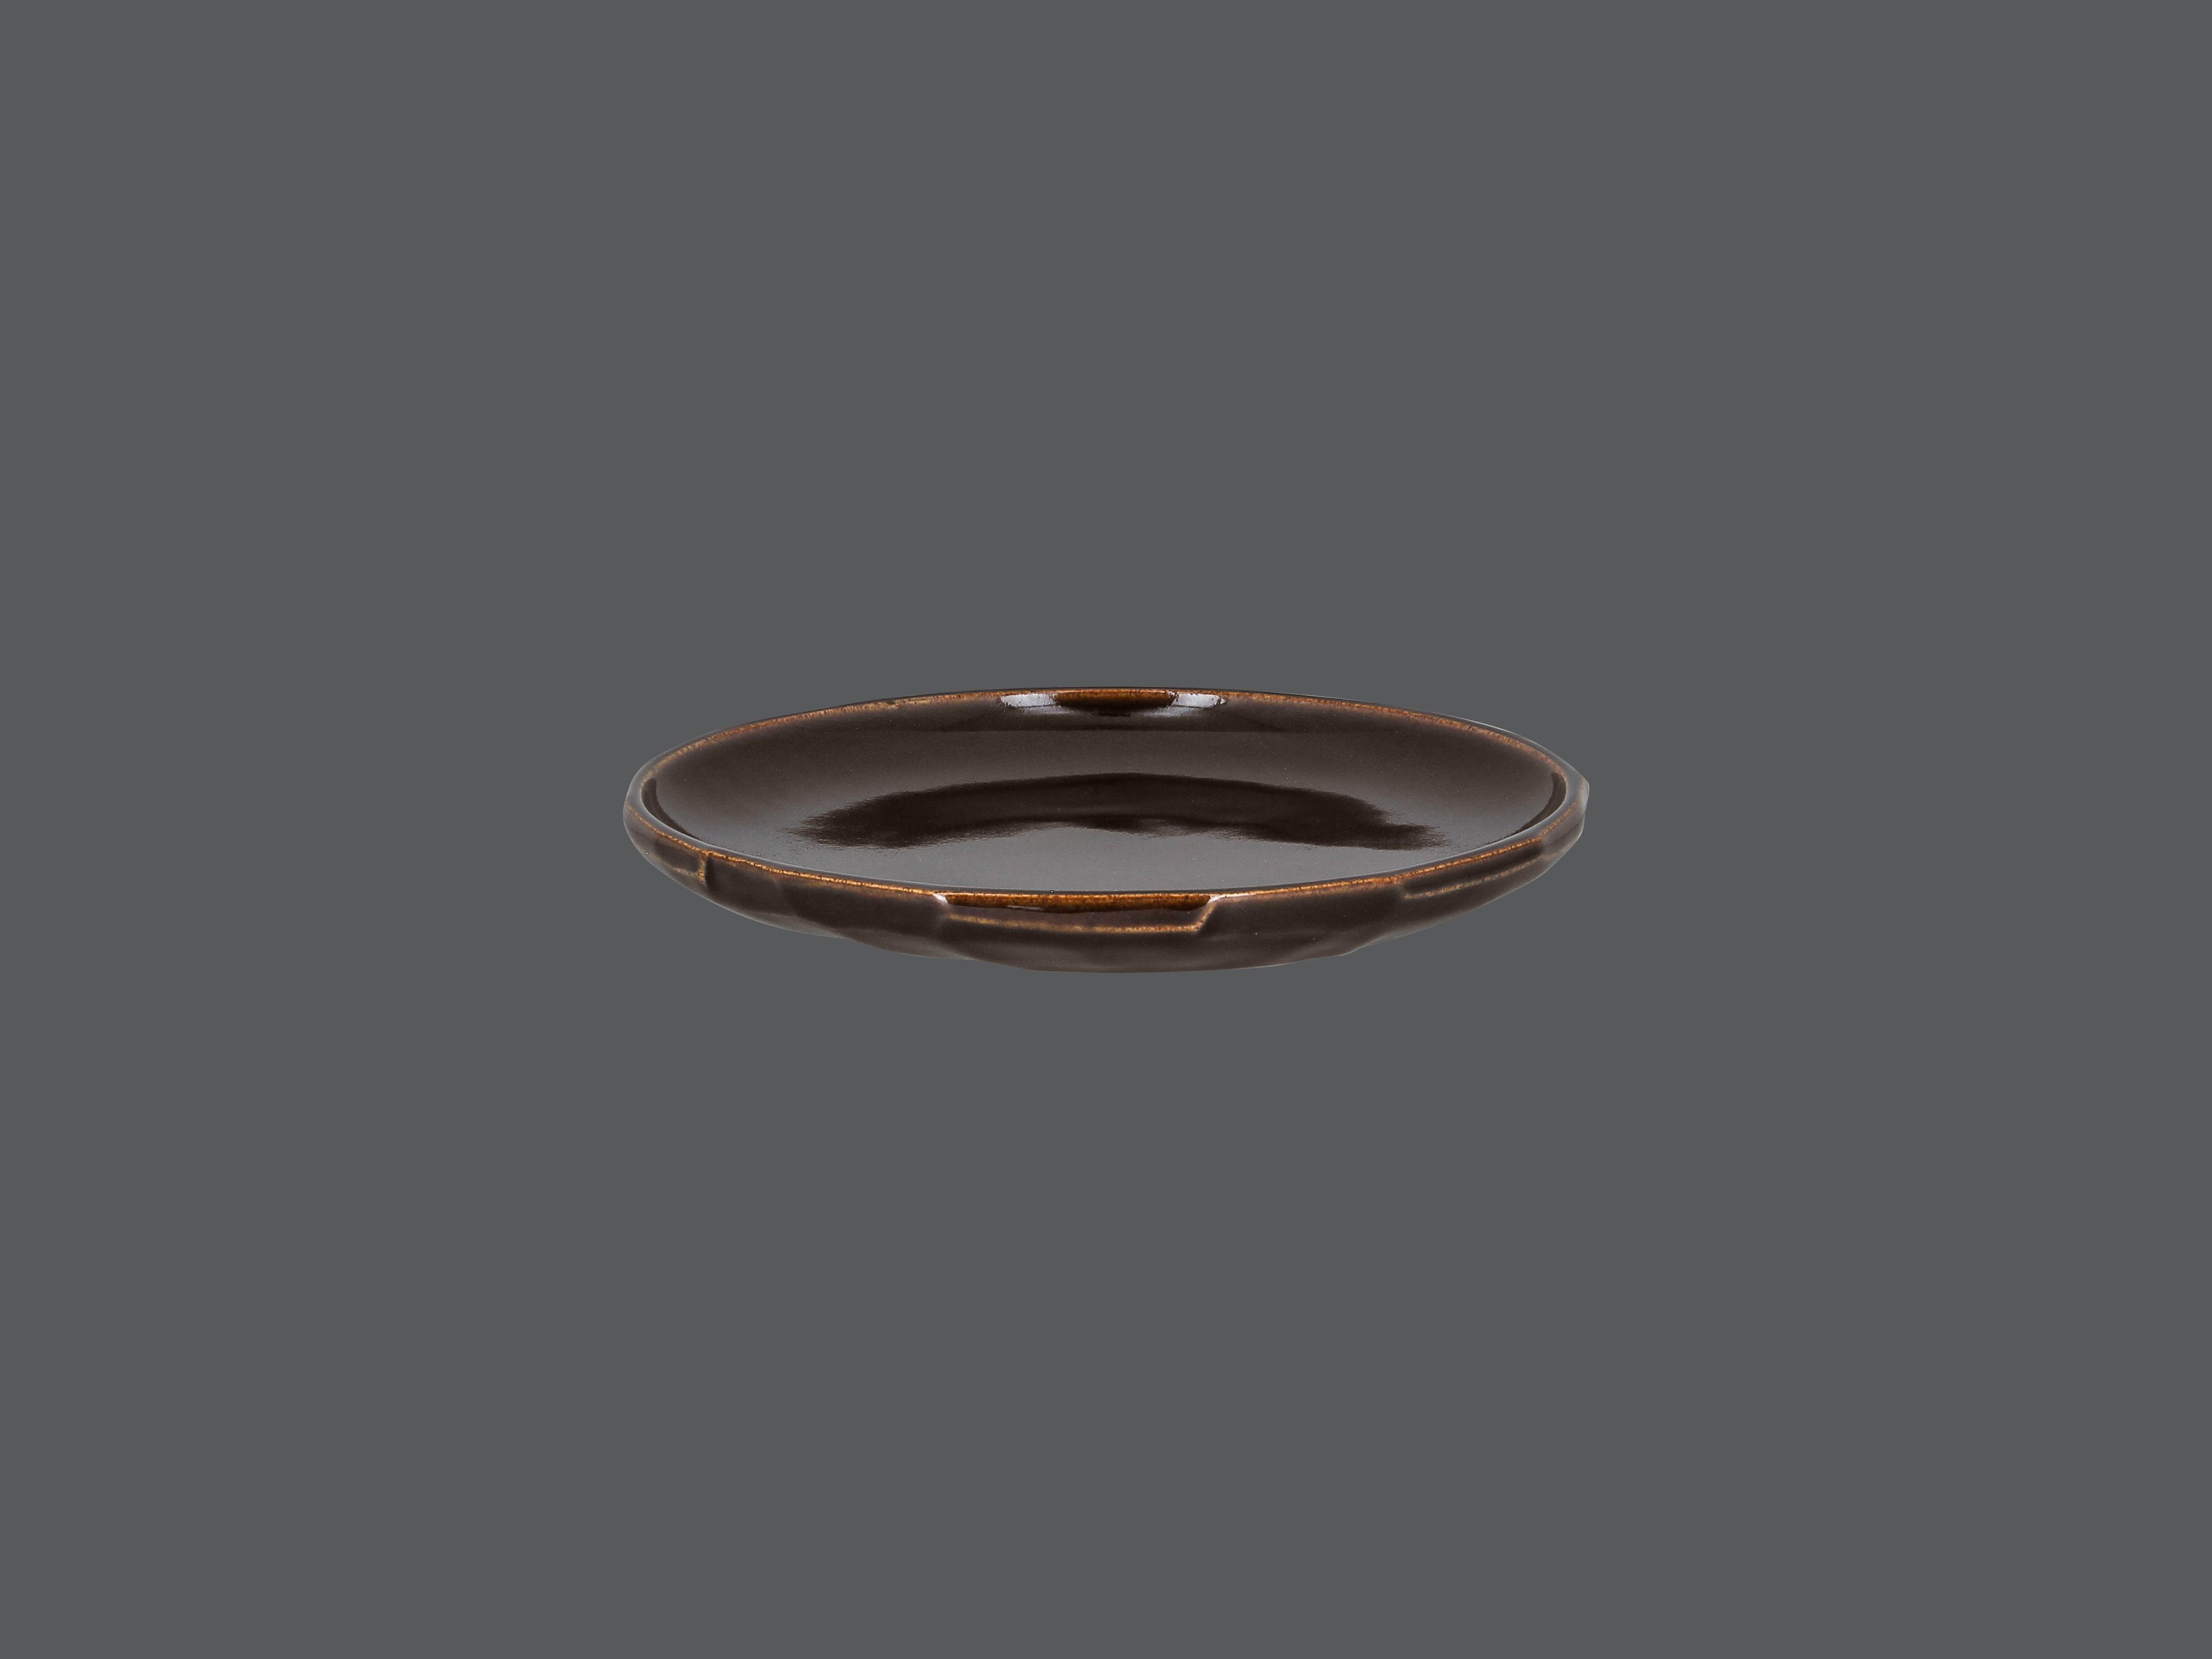 SKETCHES mělký talíř vyřezávaný